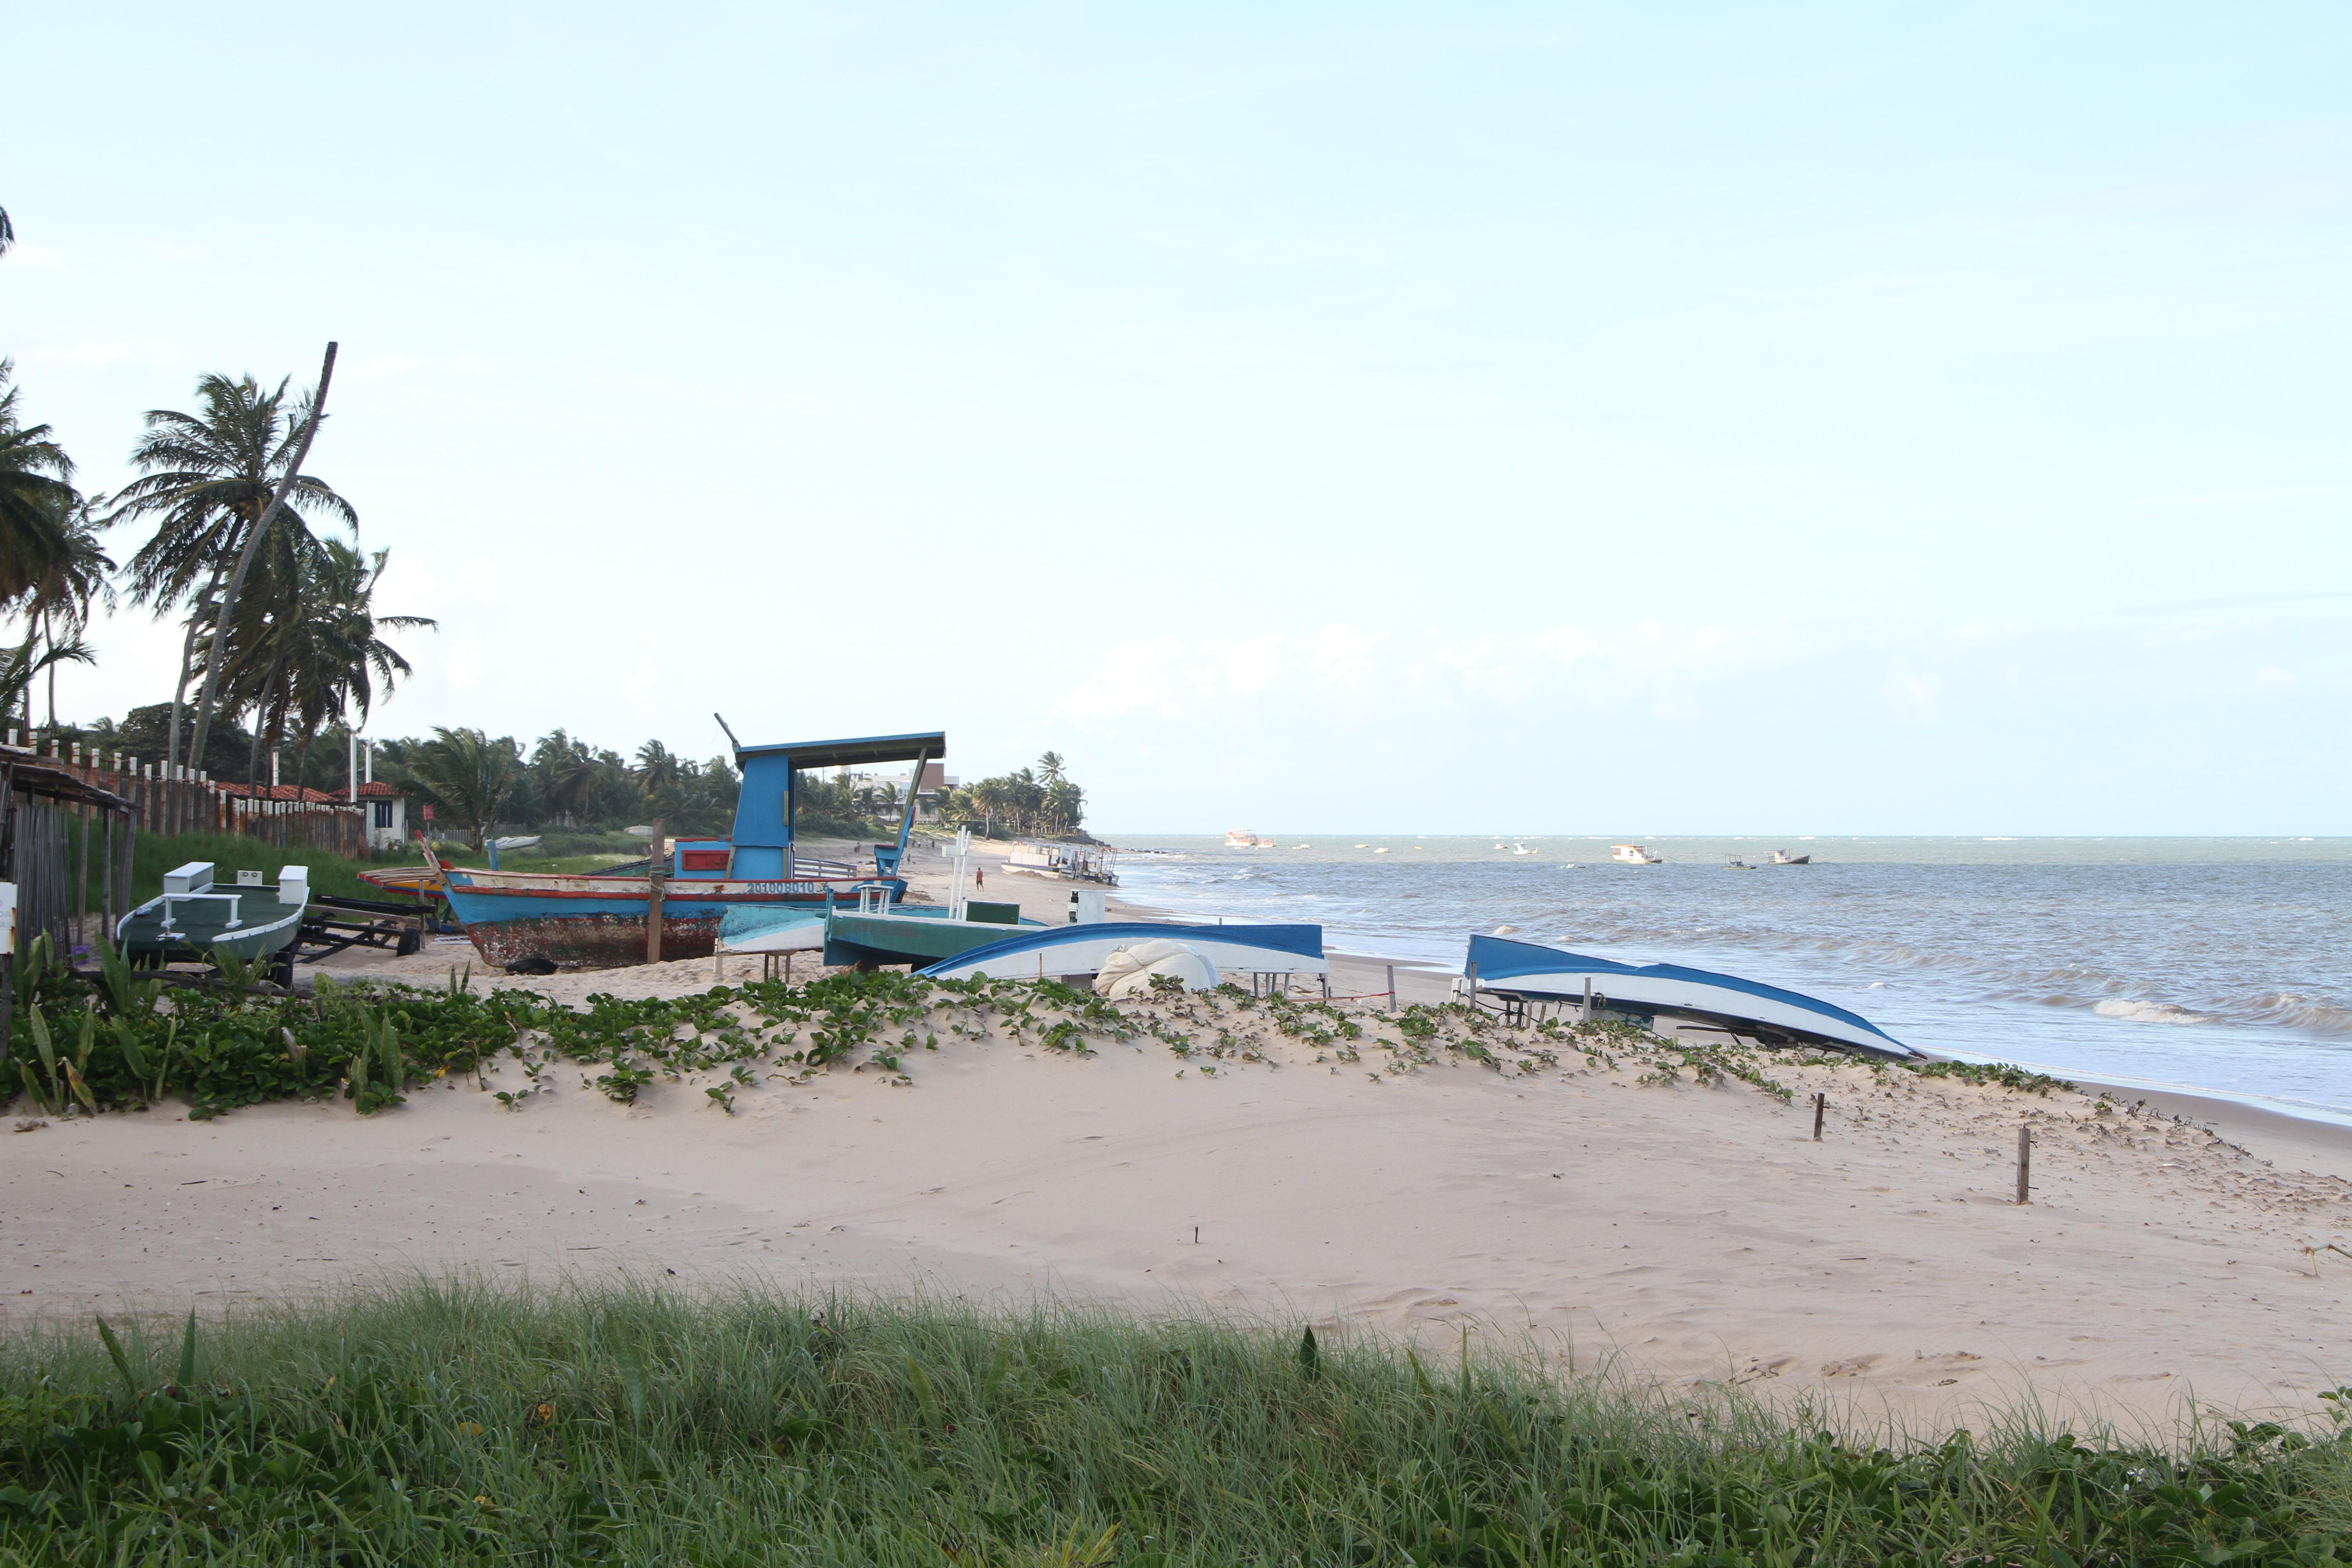 Dois homens morrem afogados em praias da Paraíba - Notícias - Plantão Diário